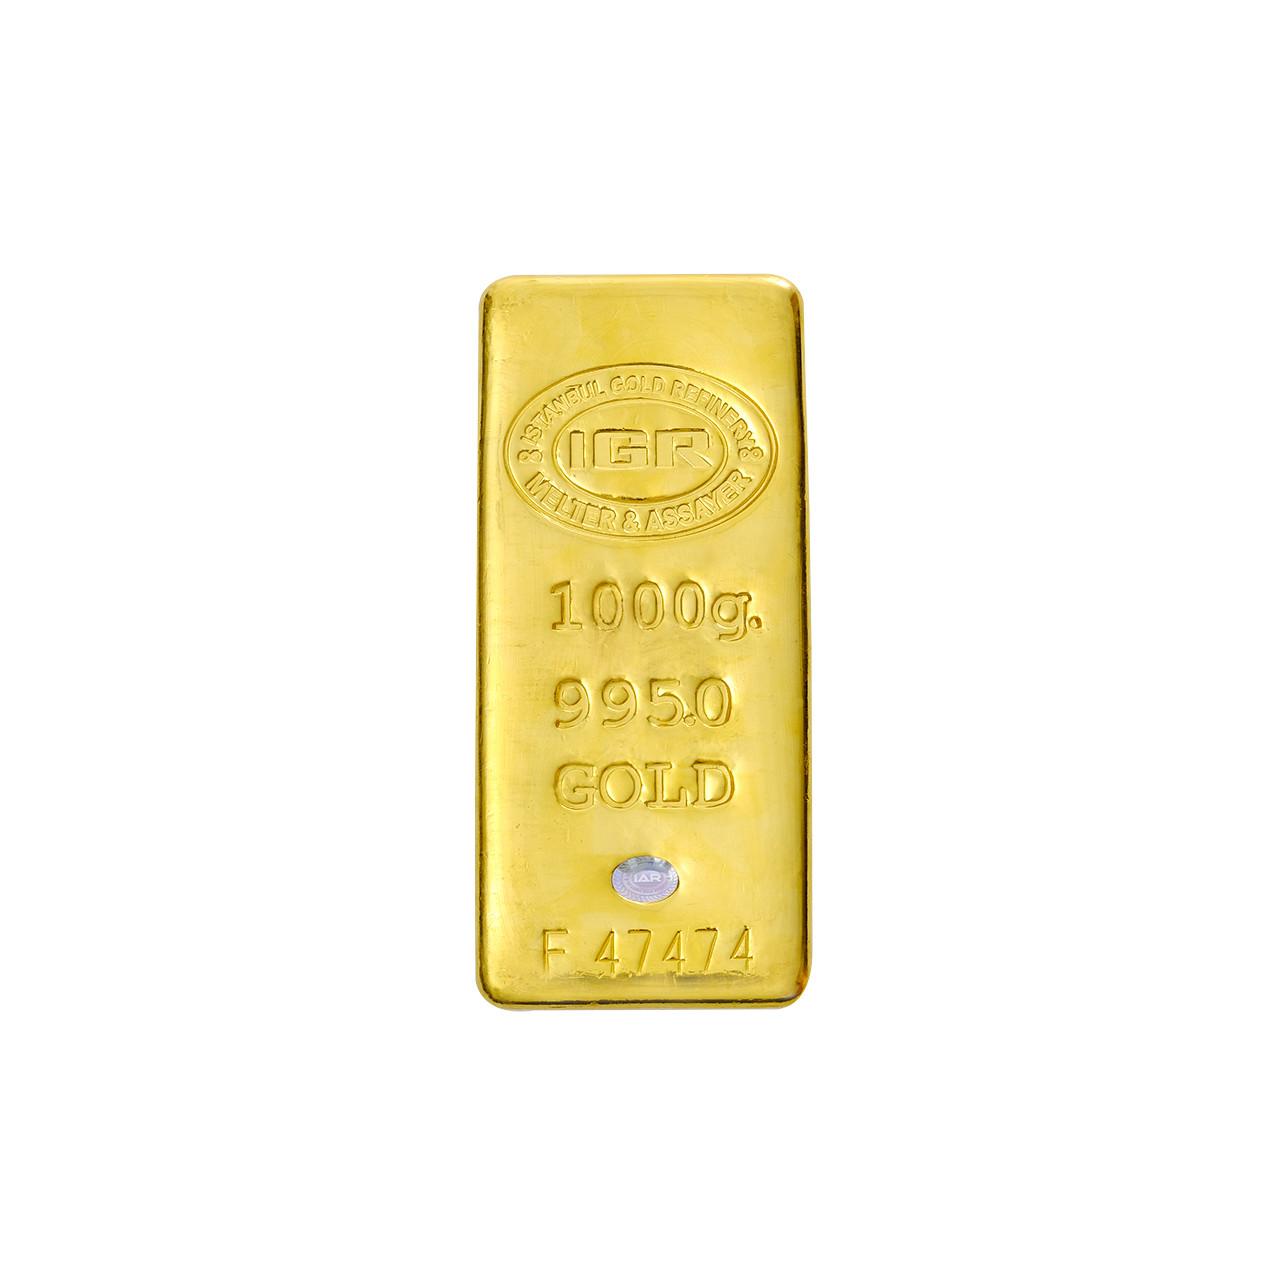 1000 Gr İAR Külçe Altın